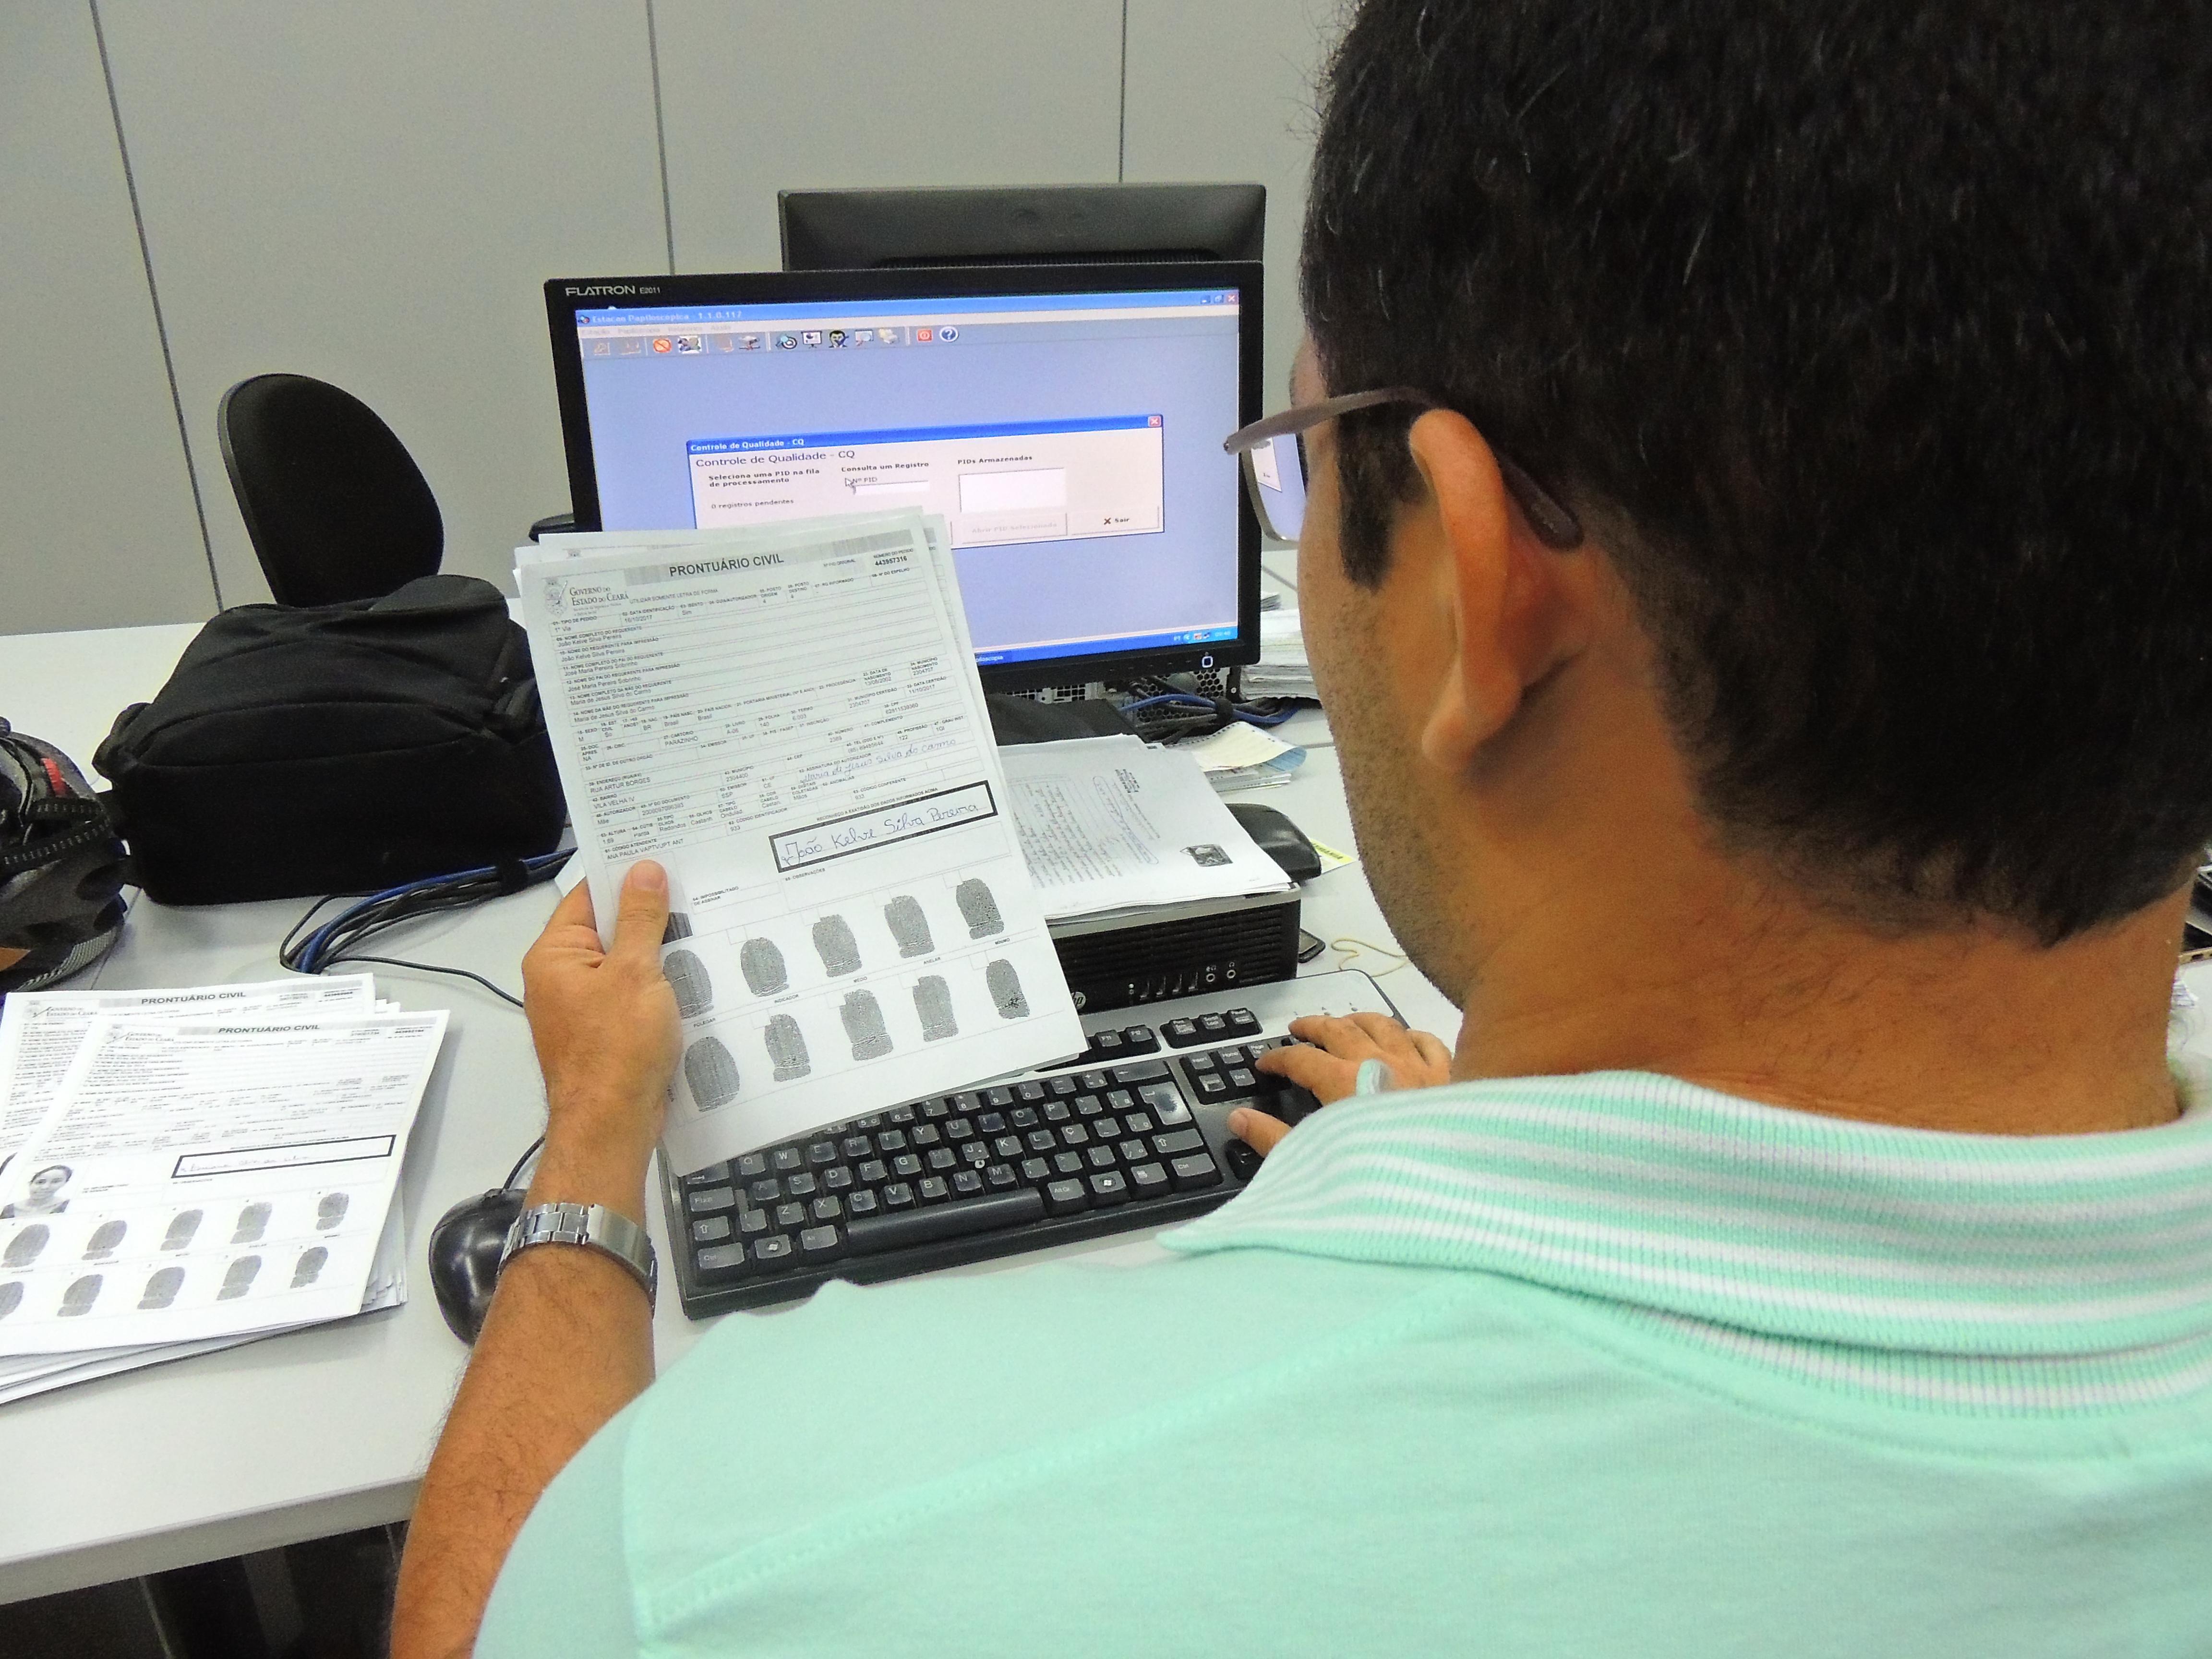 Pefoce registra aumento no número de emissão de RG e mais agilidade com agendamento online nos postos do Vapt Vupt